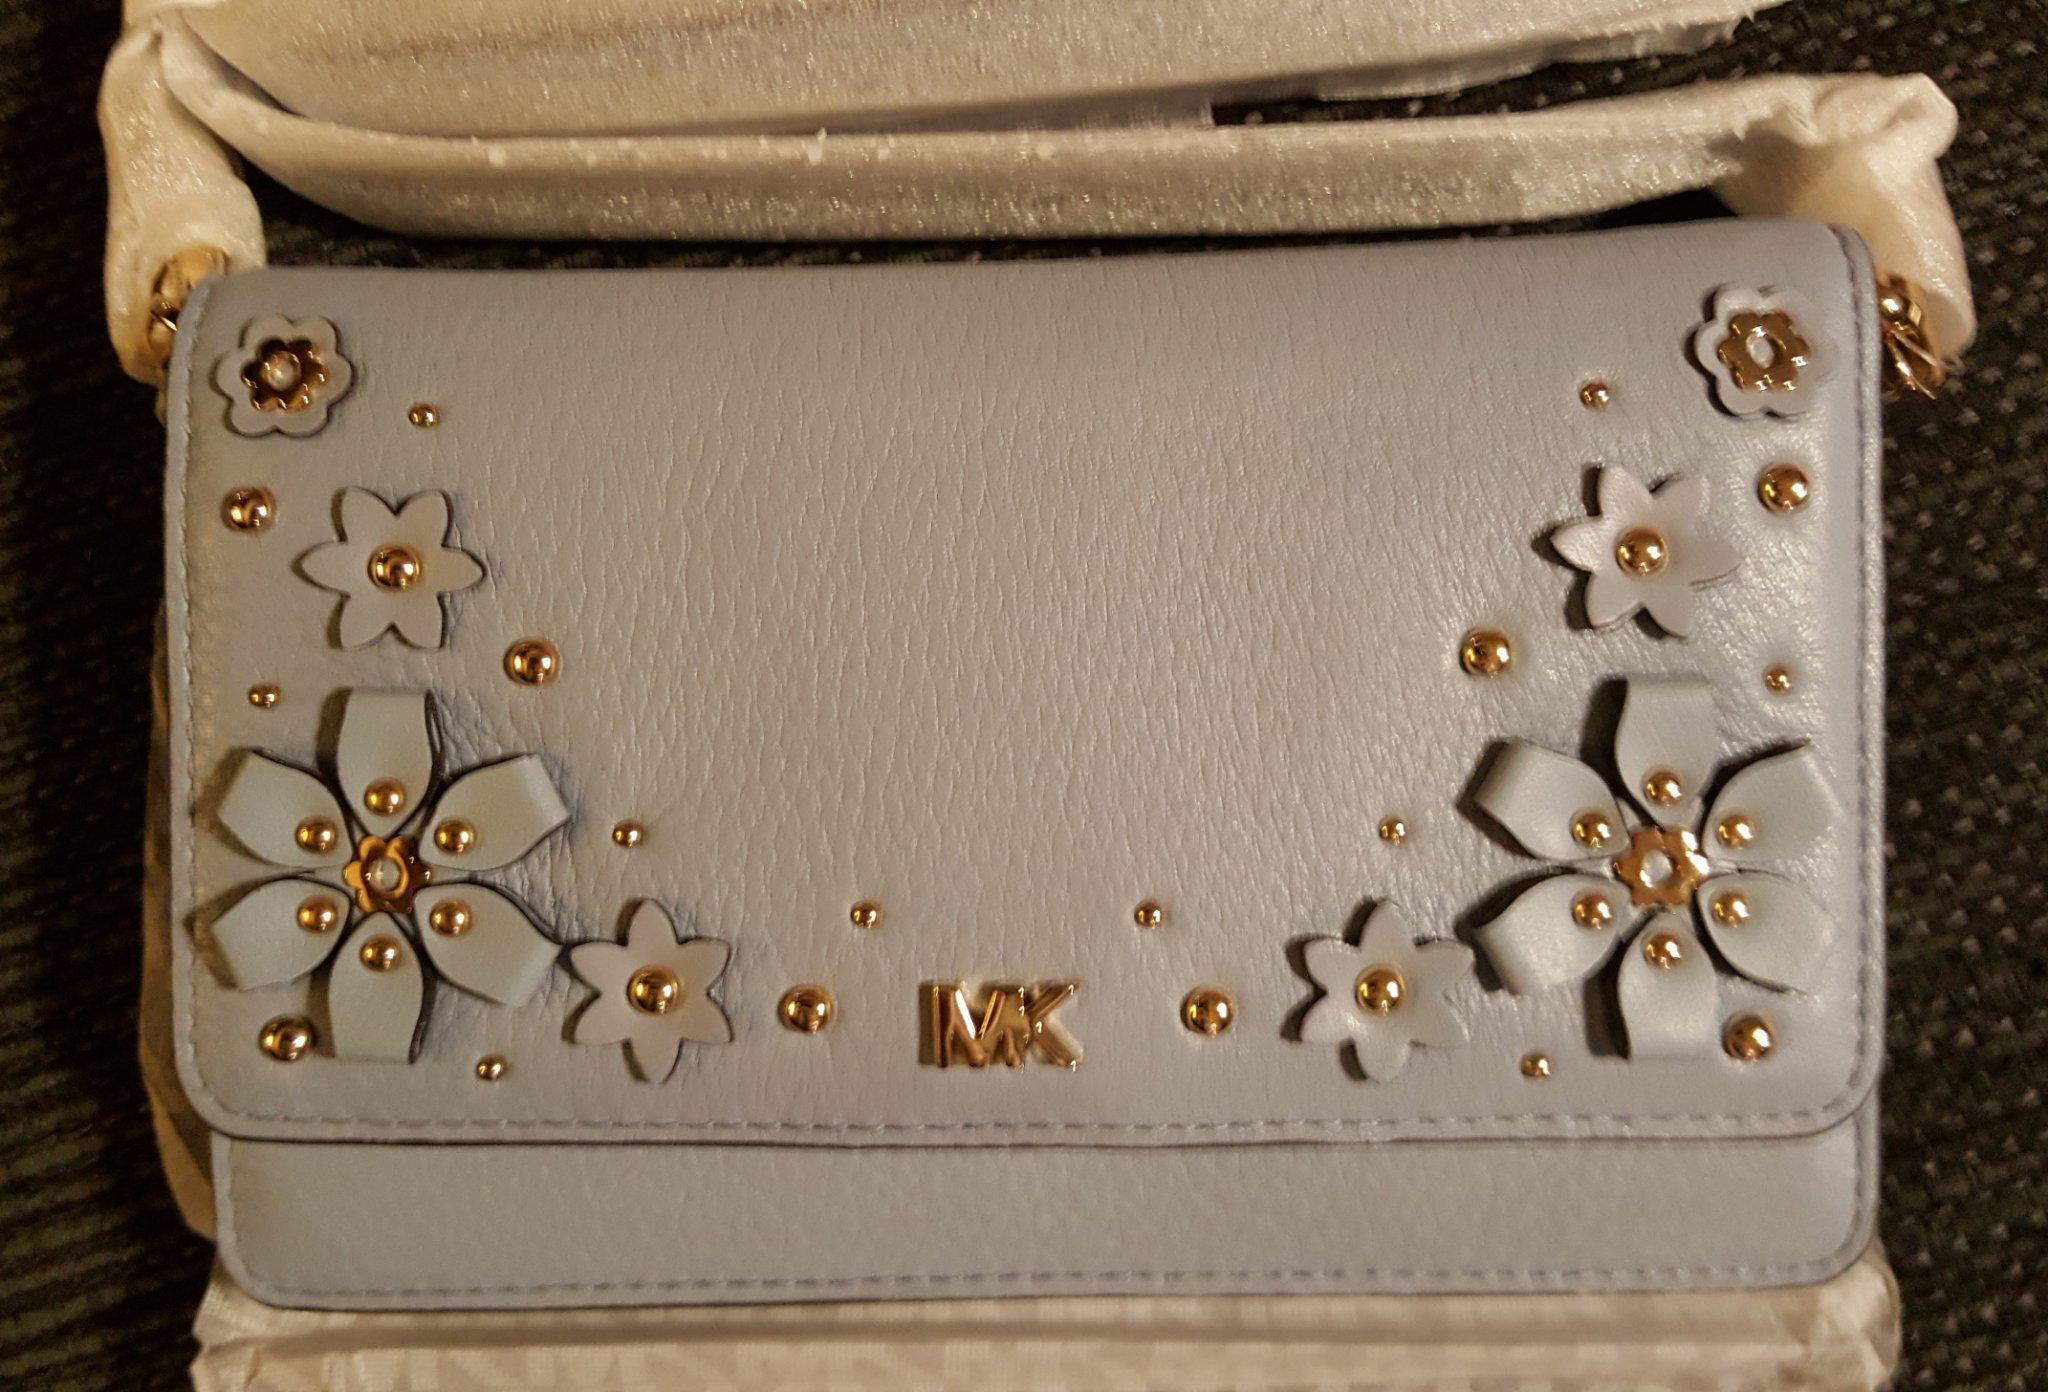 1500kr NY äkta Michael Kors ljusblå guld crossbody axelremsväska plånbok väska